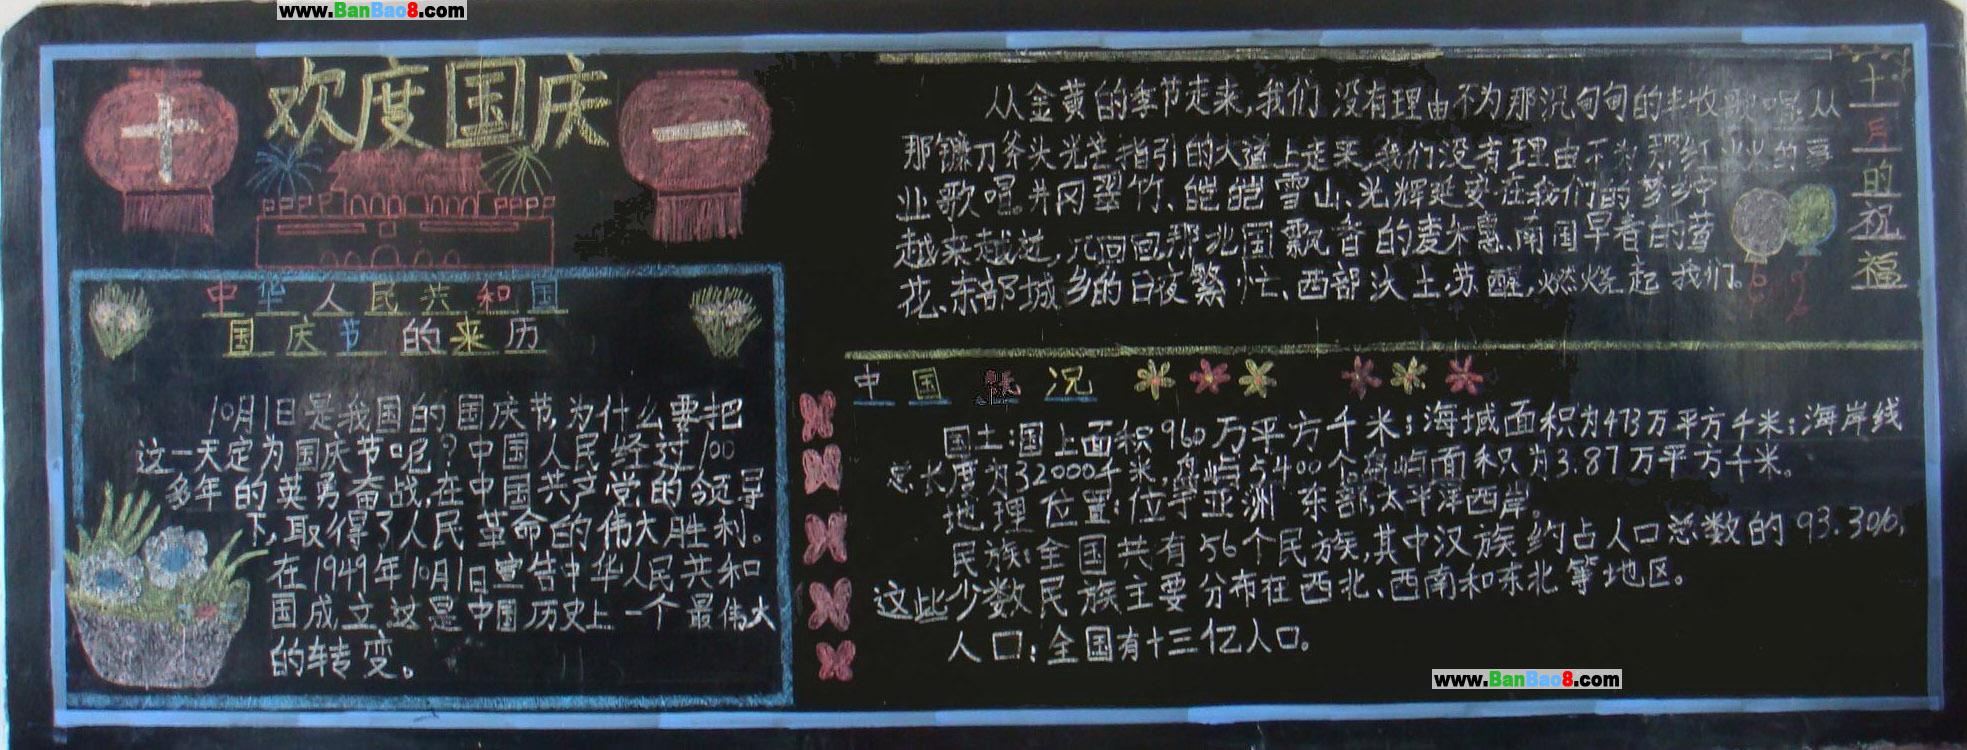 欢庆国庆黑板报资料